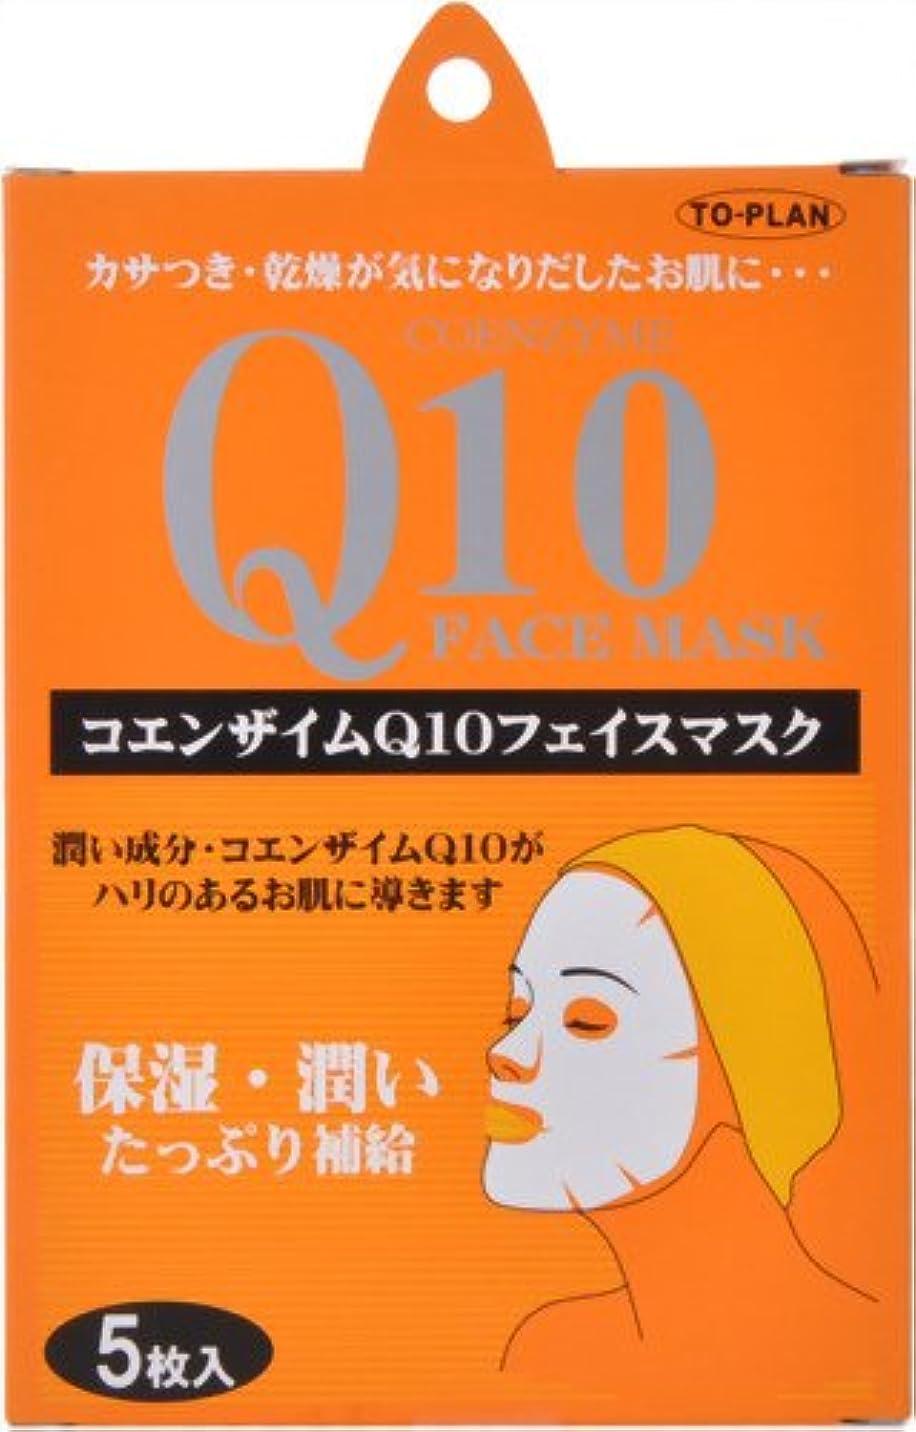 に変わるナチュラル彼らのものTO-PLAN(トプラン) Q10フェイスマスク 5枚入り